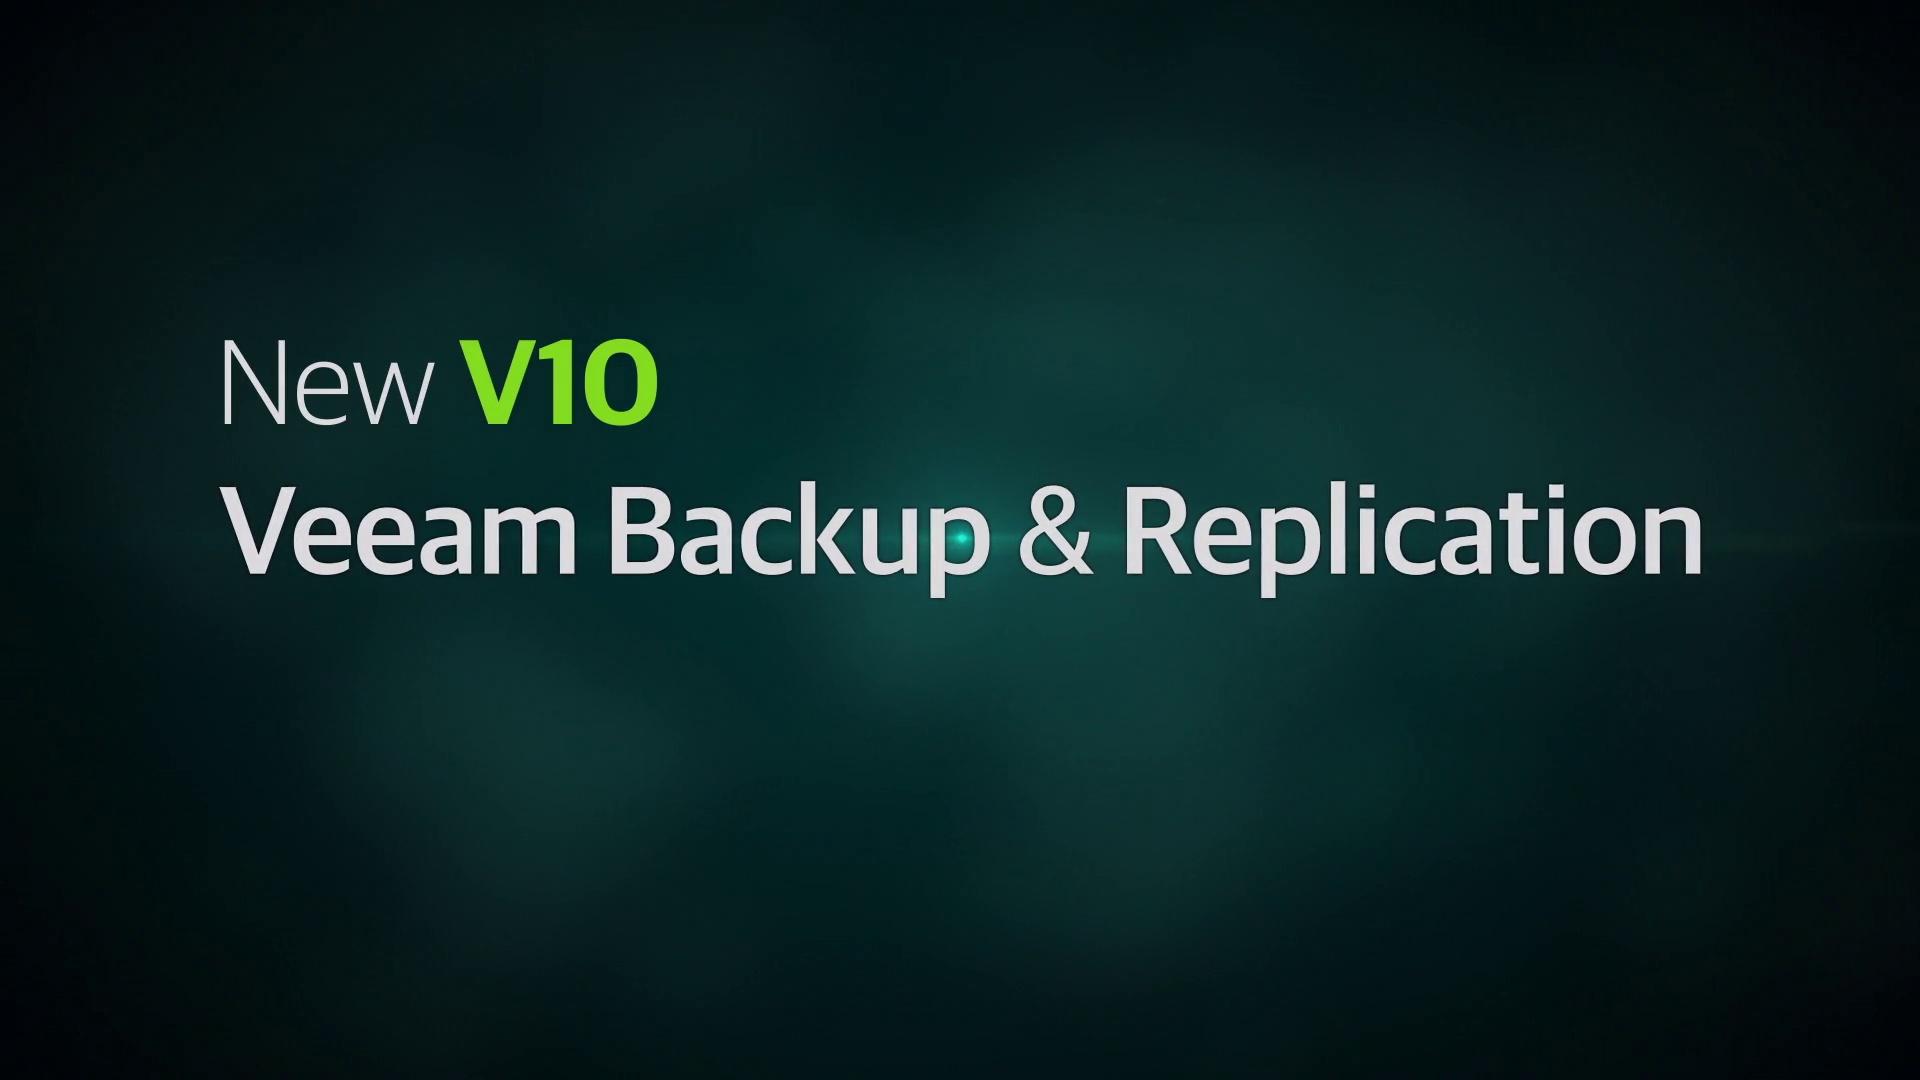 Product Launch - VAS v10 - Overview Video - VBR Overview - EN